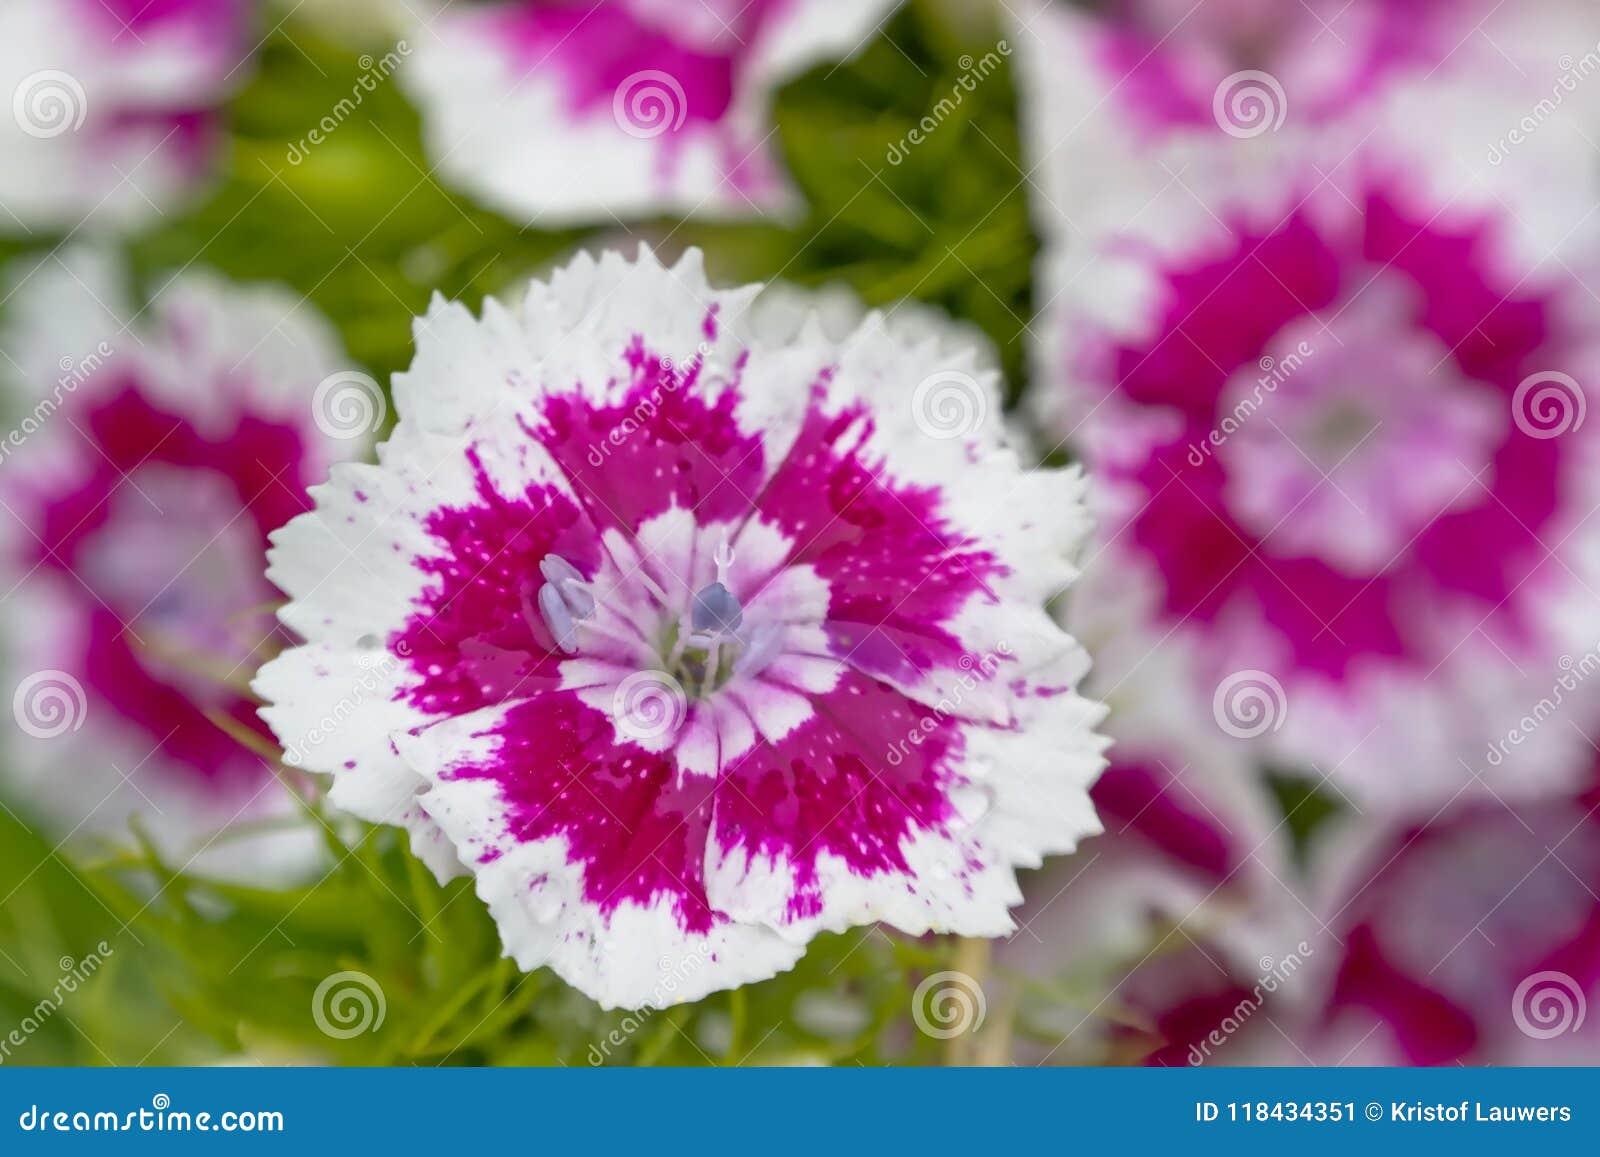 White And Puple Sweet William Flowers Close Uo Dianthus Barbatus